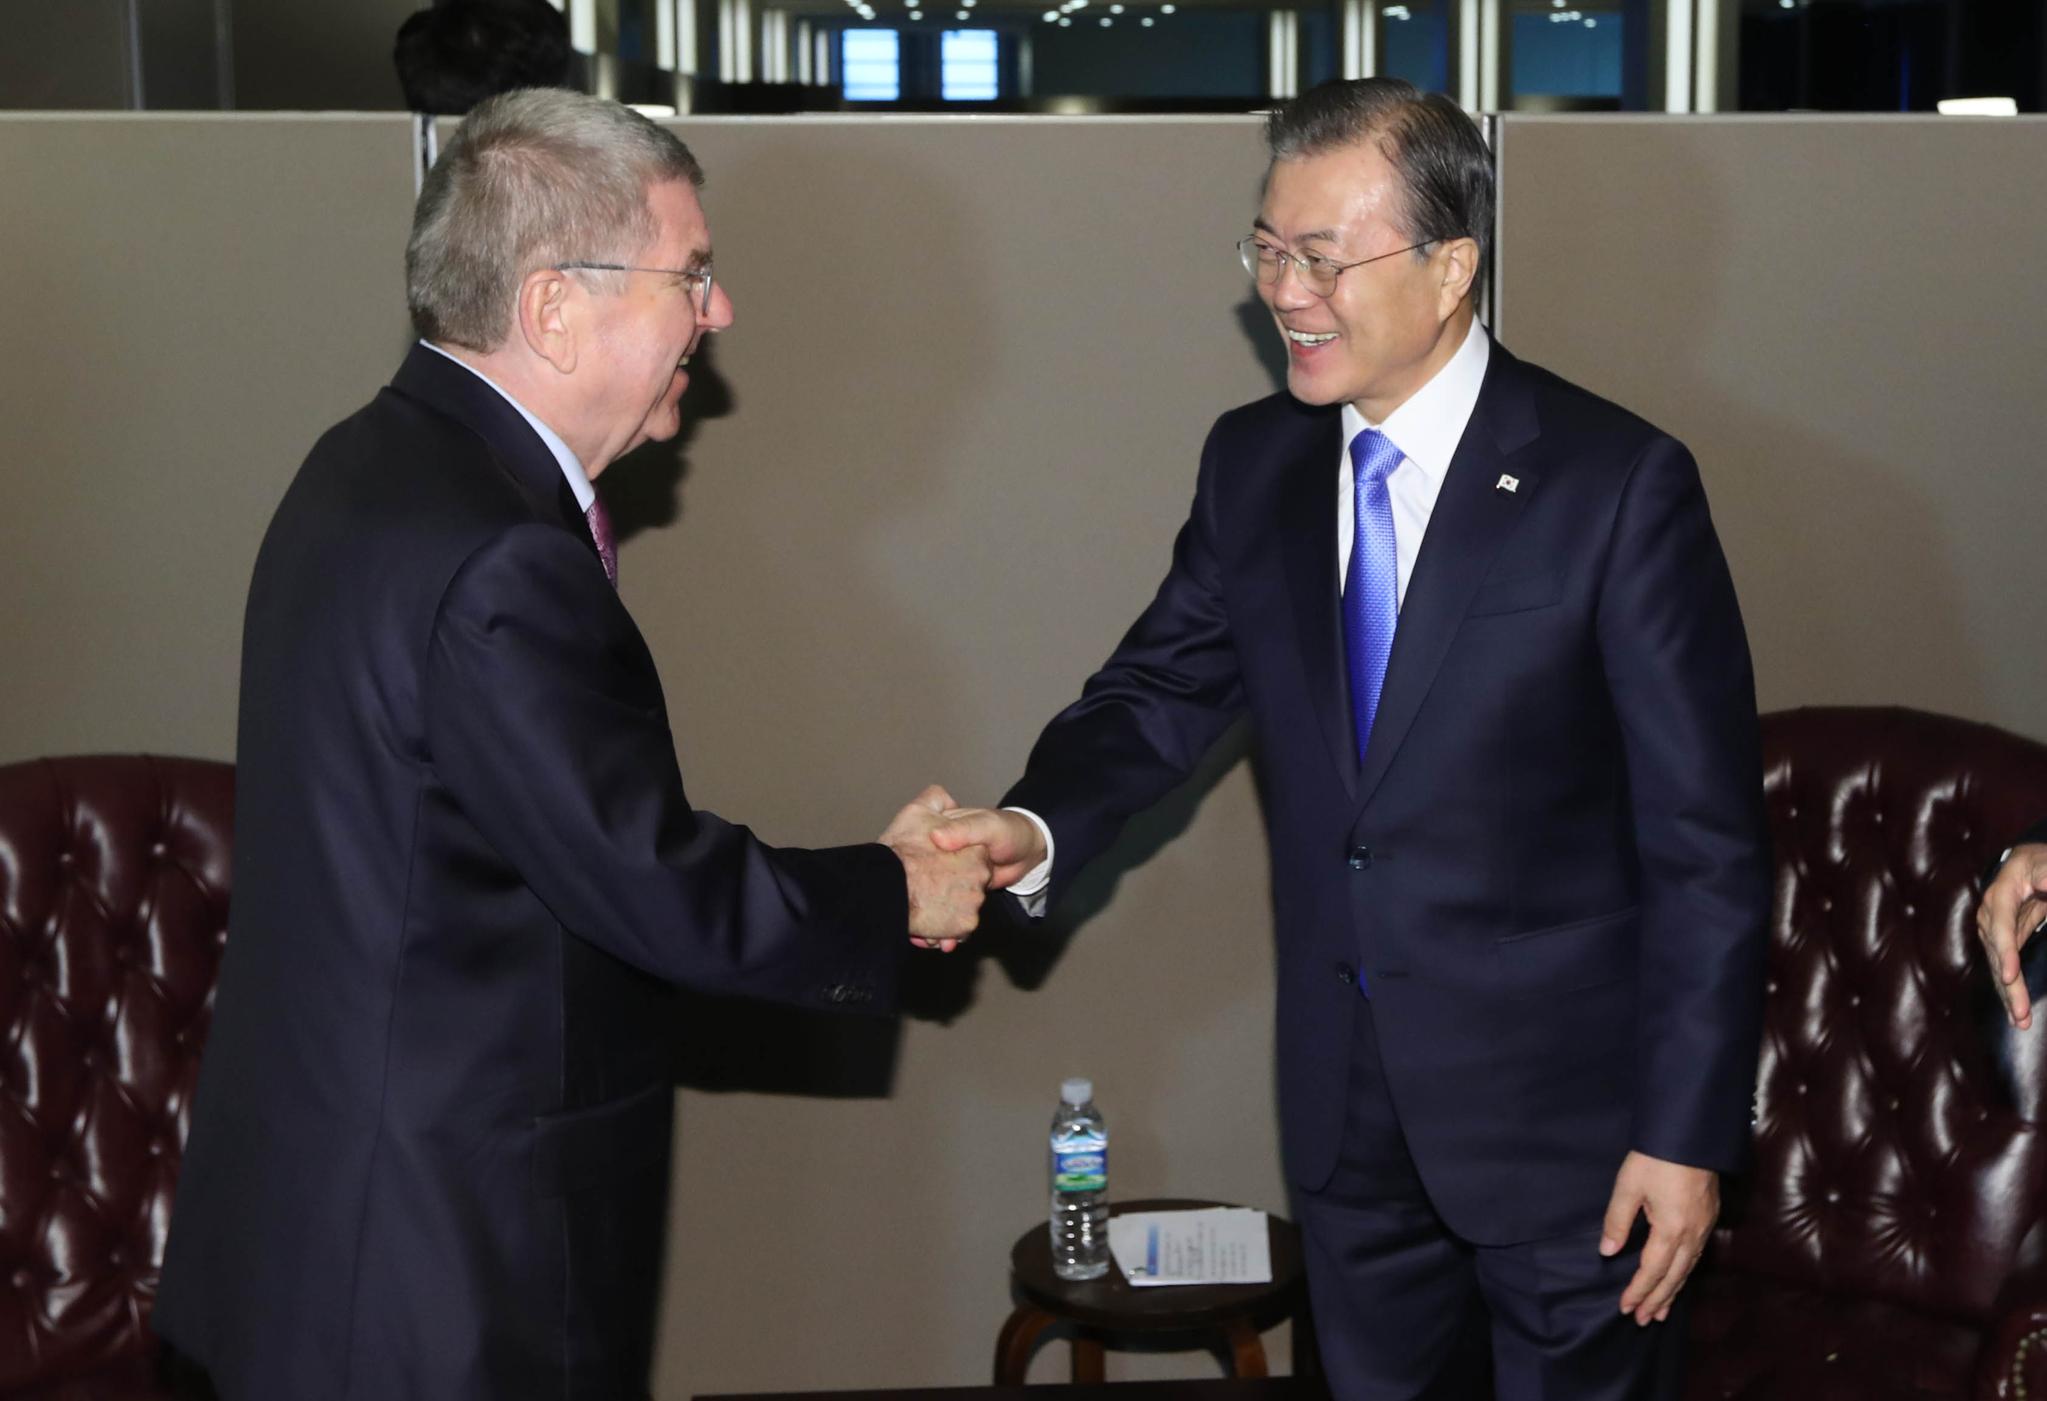 문재인 대통령과 토마스 바흐 IOC 위원장이 24일 오후(현지시간) 뉴욕 유엔본부에서 만나고 있다. [연합뉴스]